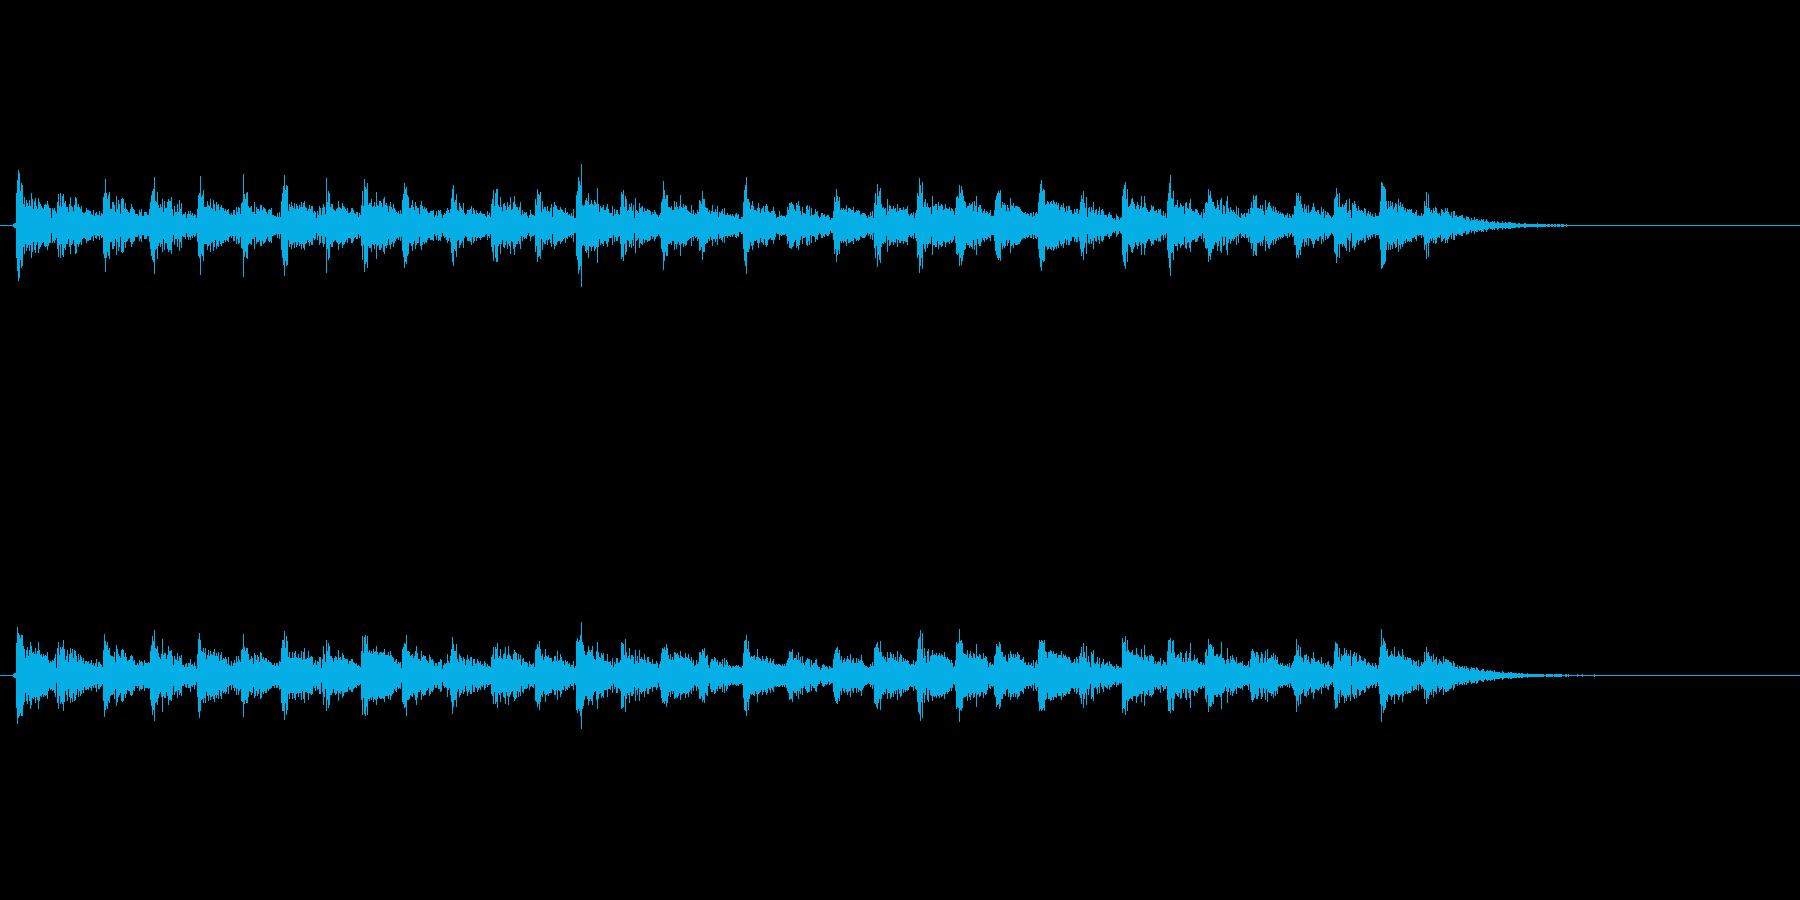 【足音03-5】の再生済みの波形